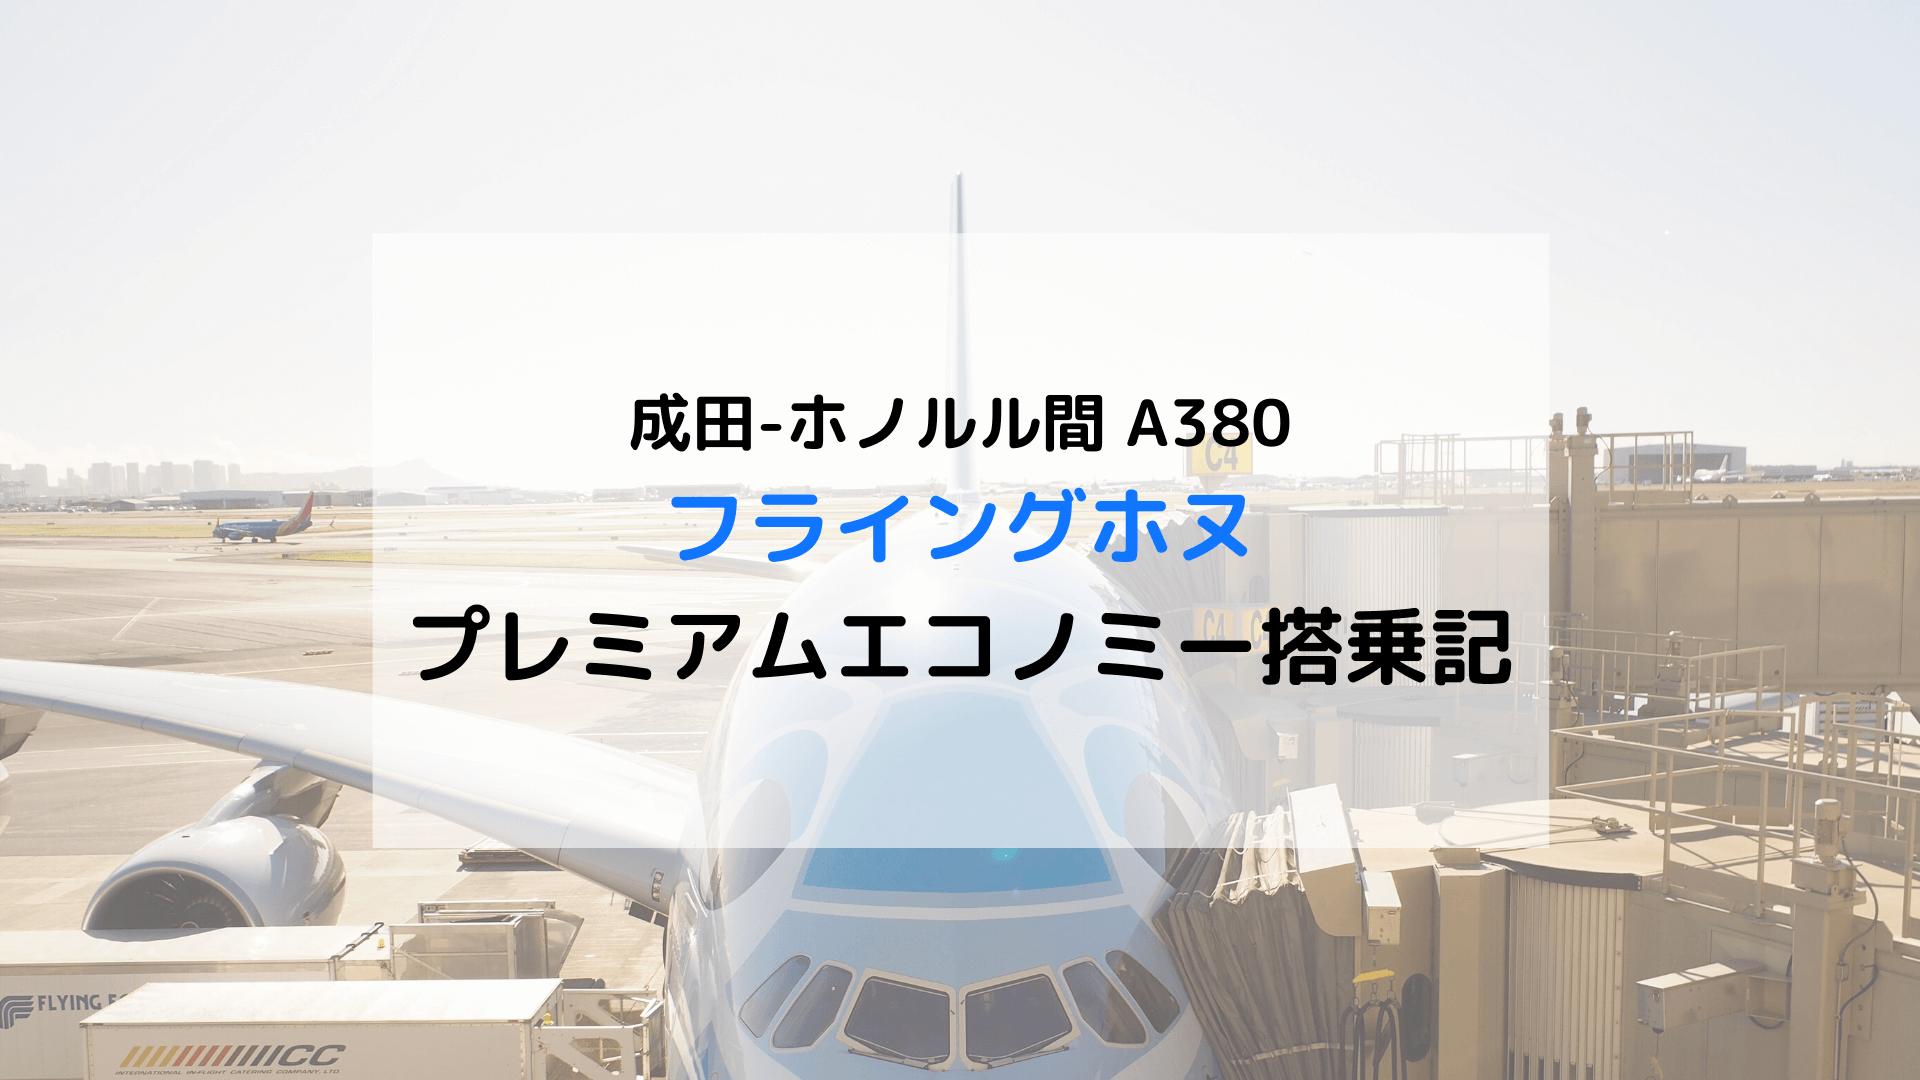 成田-ホノルル間フライングホヌ プレミアムエコノミー搭乗記